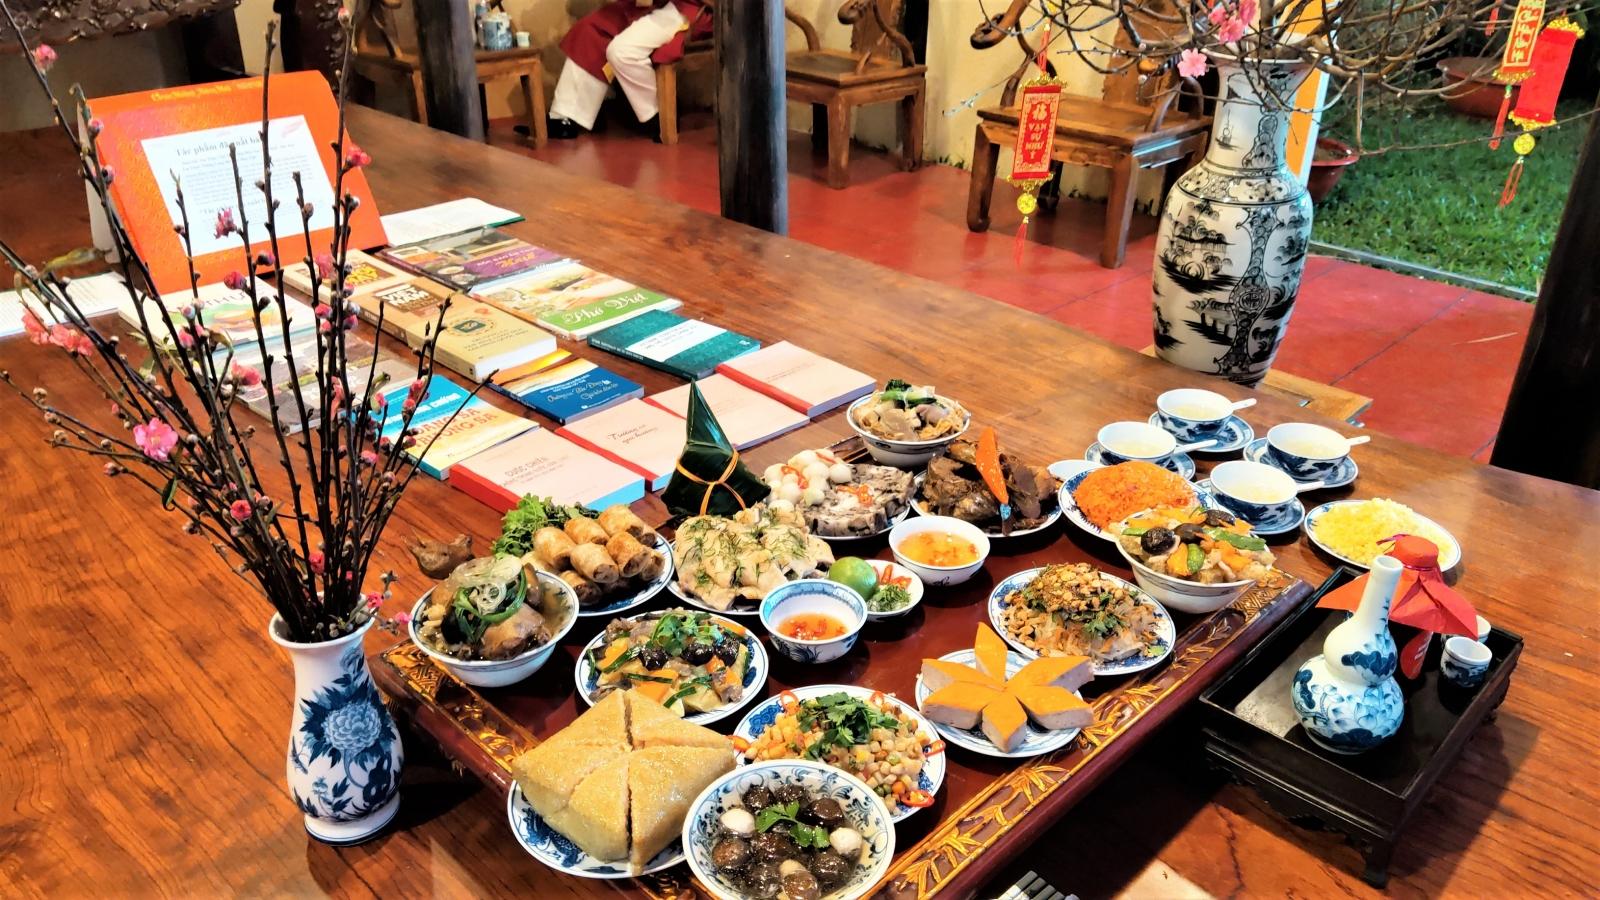 Phát huy các giá trị văn hoá truyền thống tại Lễ hội Tết Việt 2021